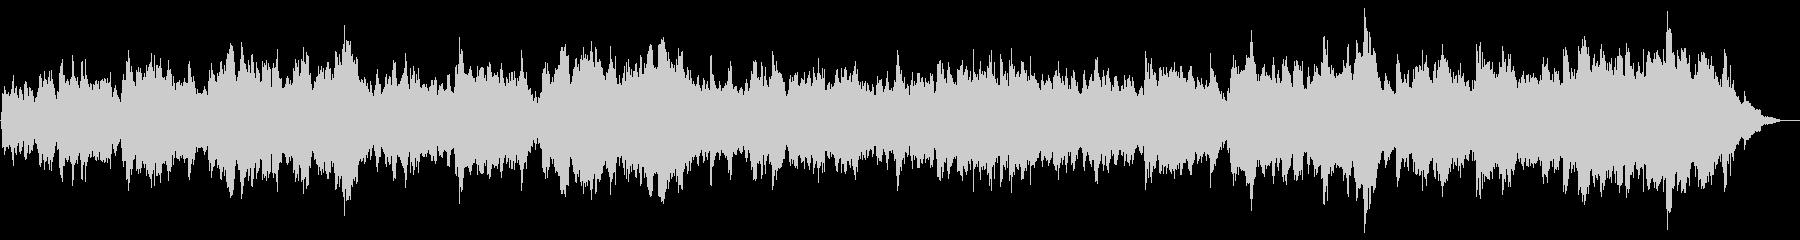 ピアノとフルート主体の切ないBGMの未再生の波形